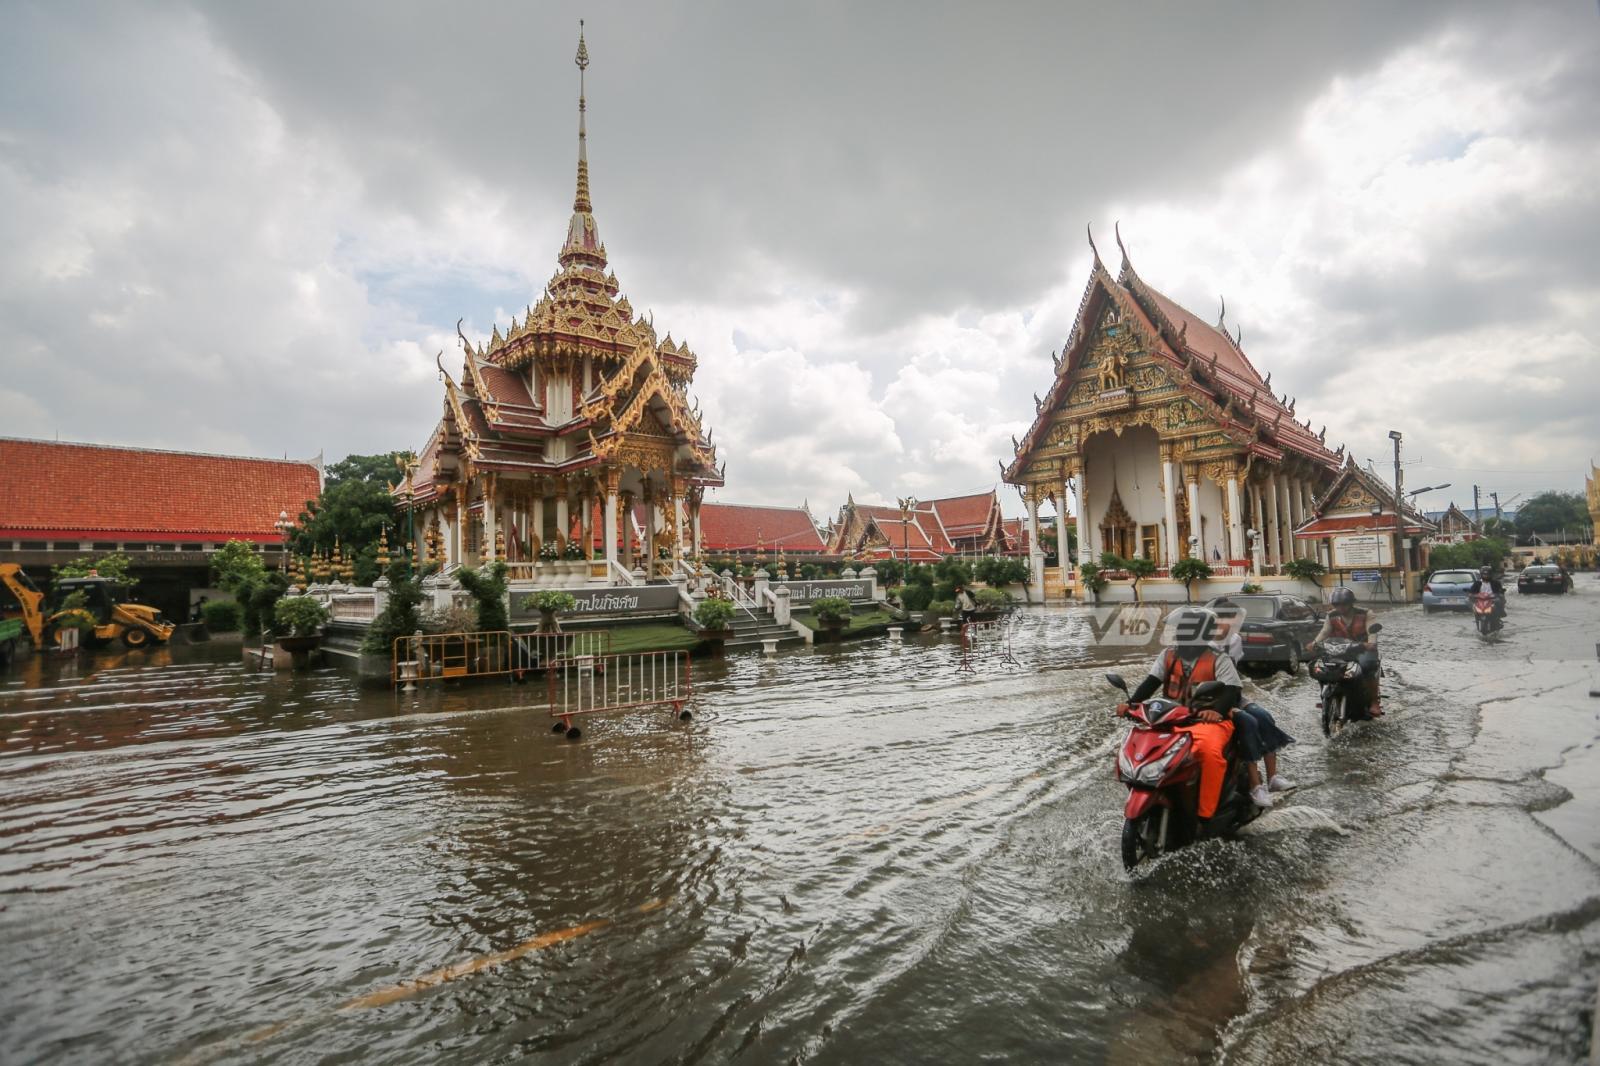 กทม.อ่วมอีก อุตุฯ ชี้ฝนตกร้อยละ 80 วันนี้